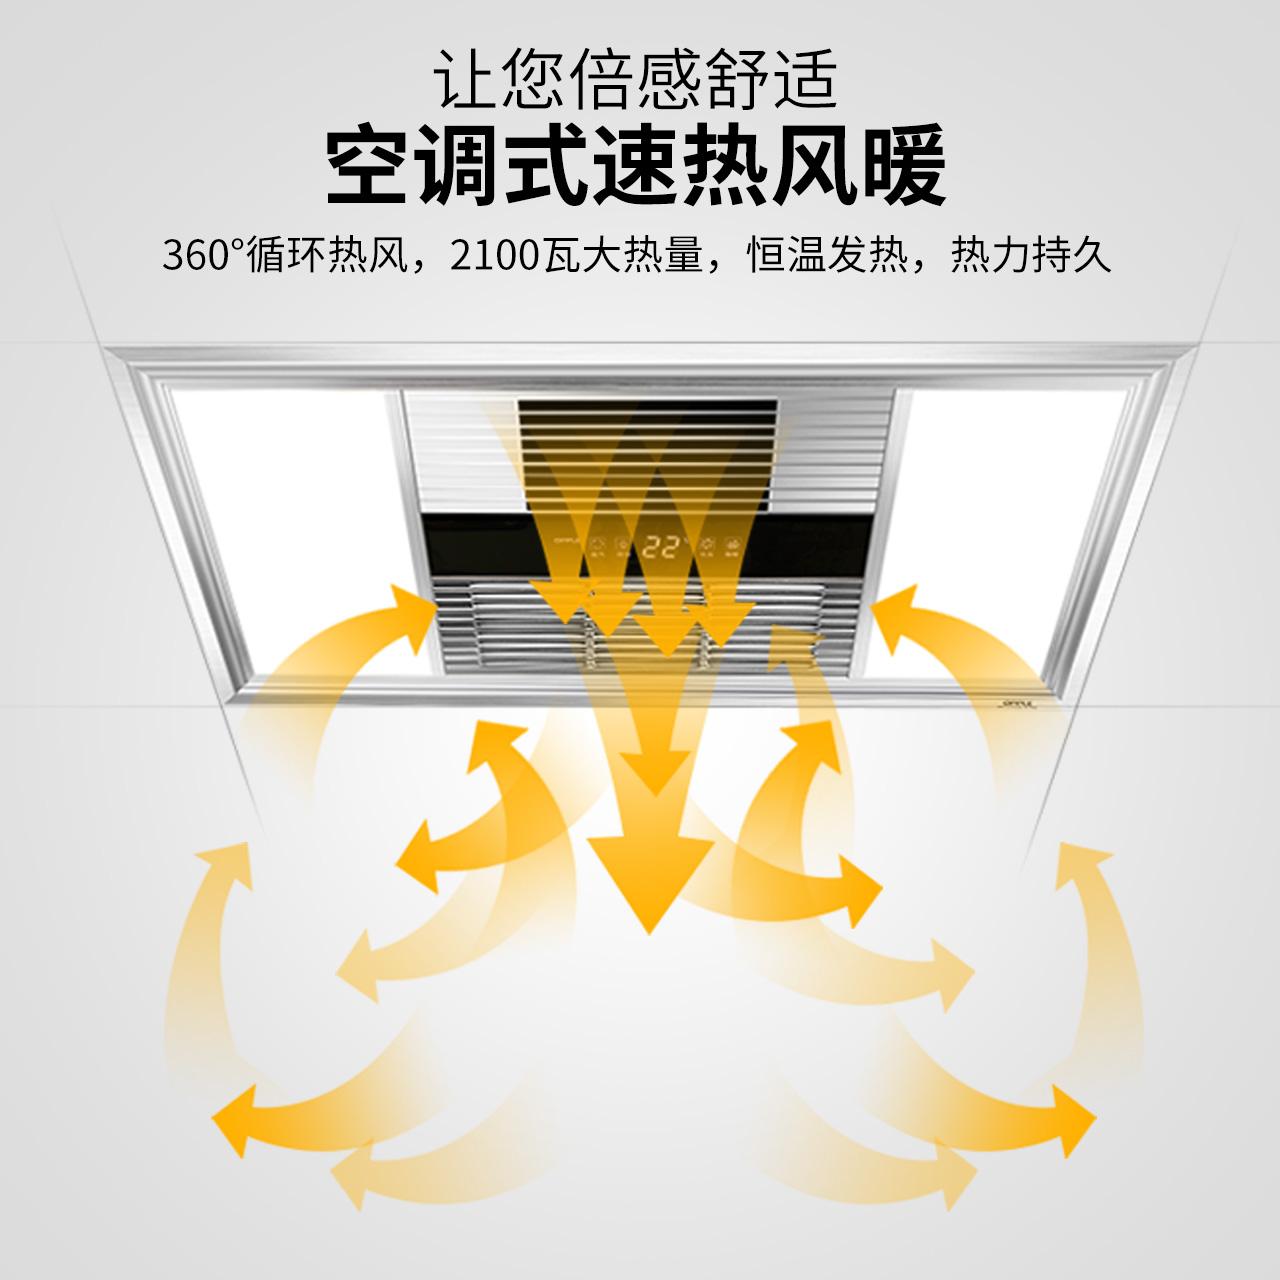 欧普照明多功能智能浴霸风暖嵌入式集成吊顶三合一卫生间暖风机